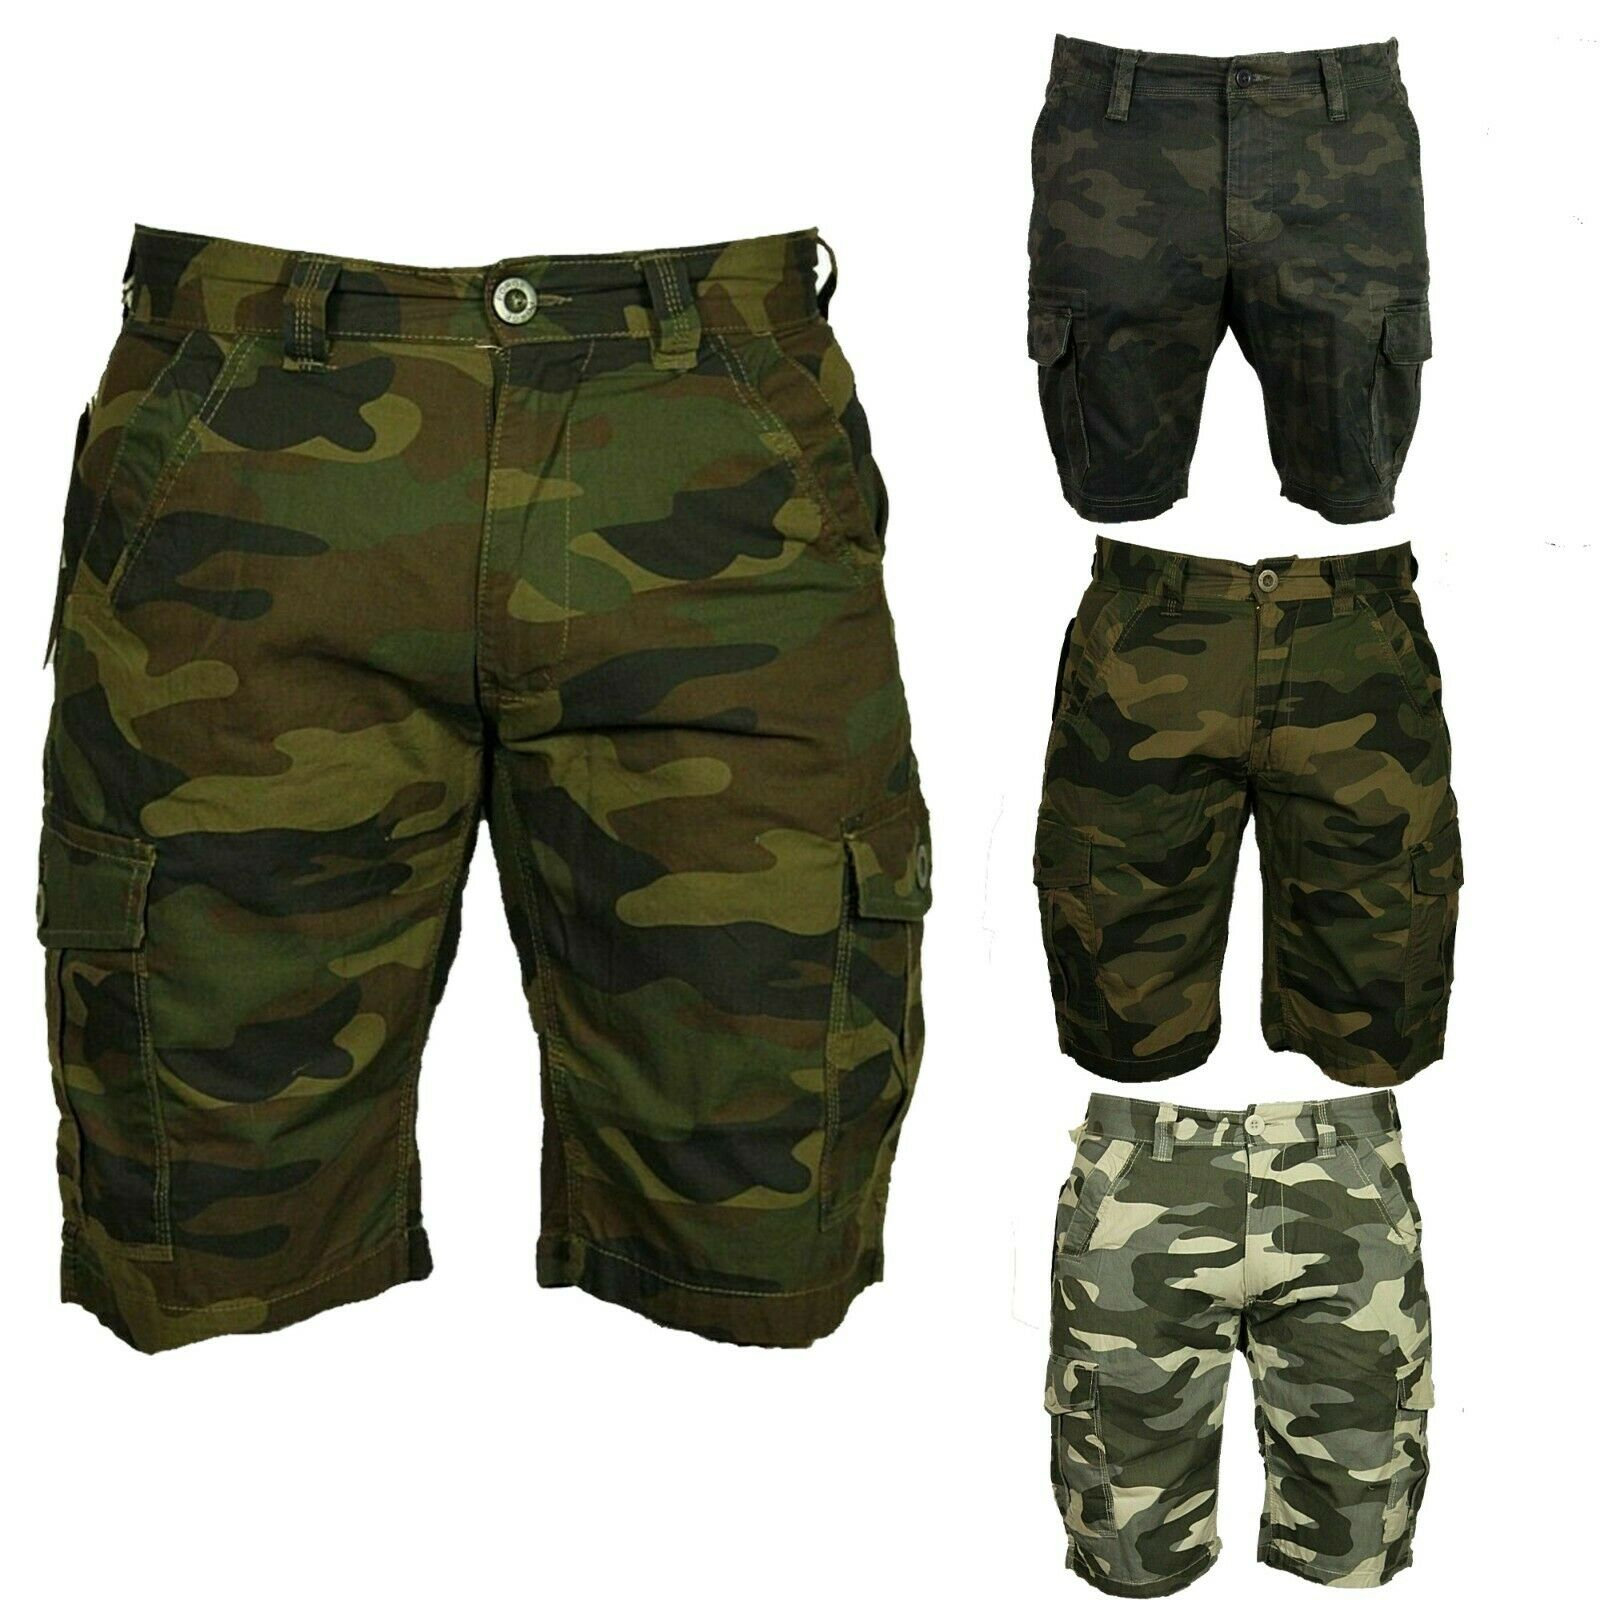 Big King Size Para Hombre Pantalones Cortos Camuflados Combate Ejercito Camo Pantalones Largos Casual Militar 3 4 Ebay